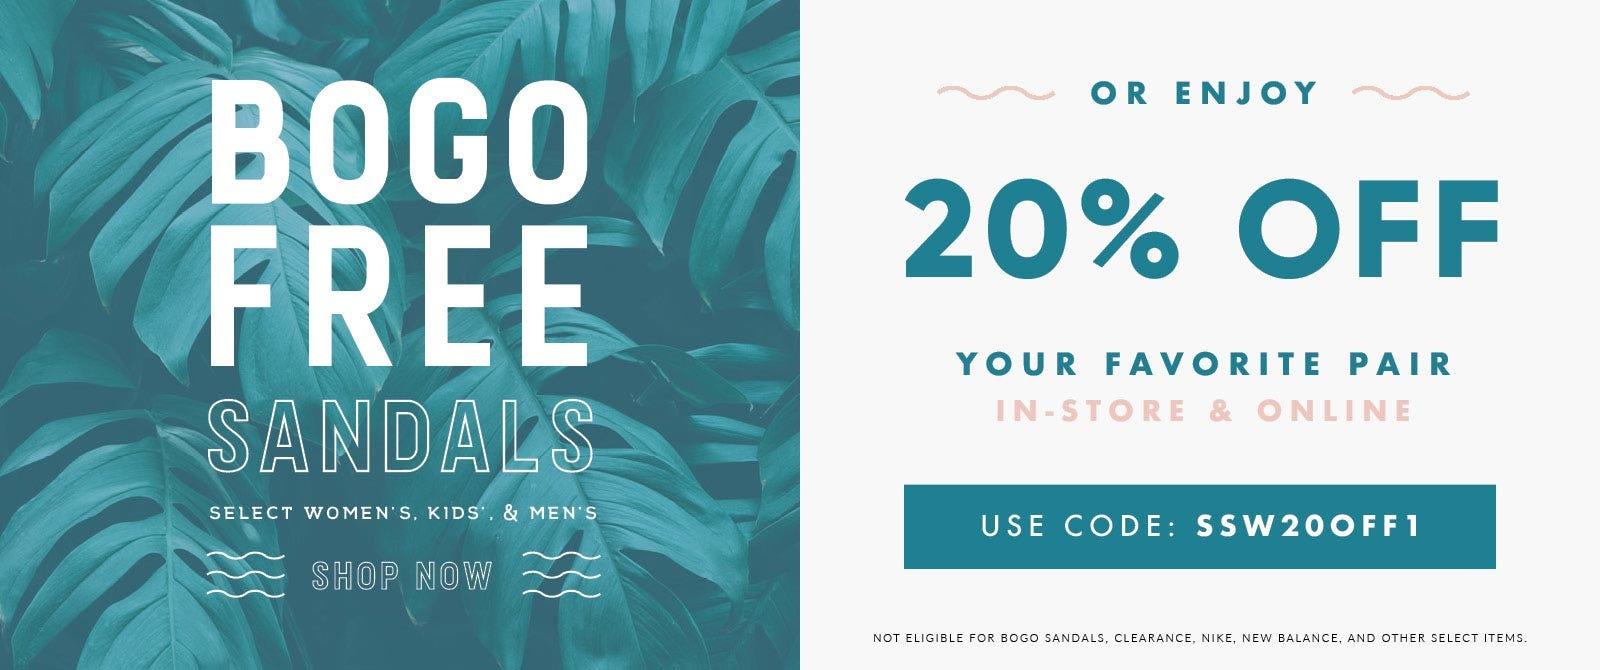 BOGO Free Sandals